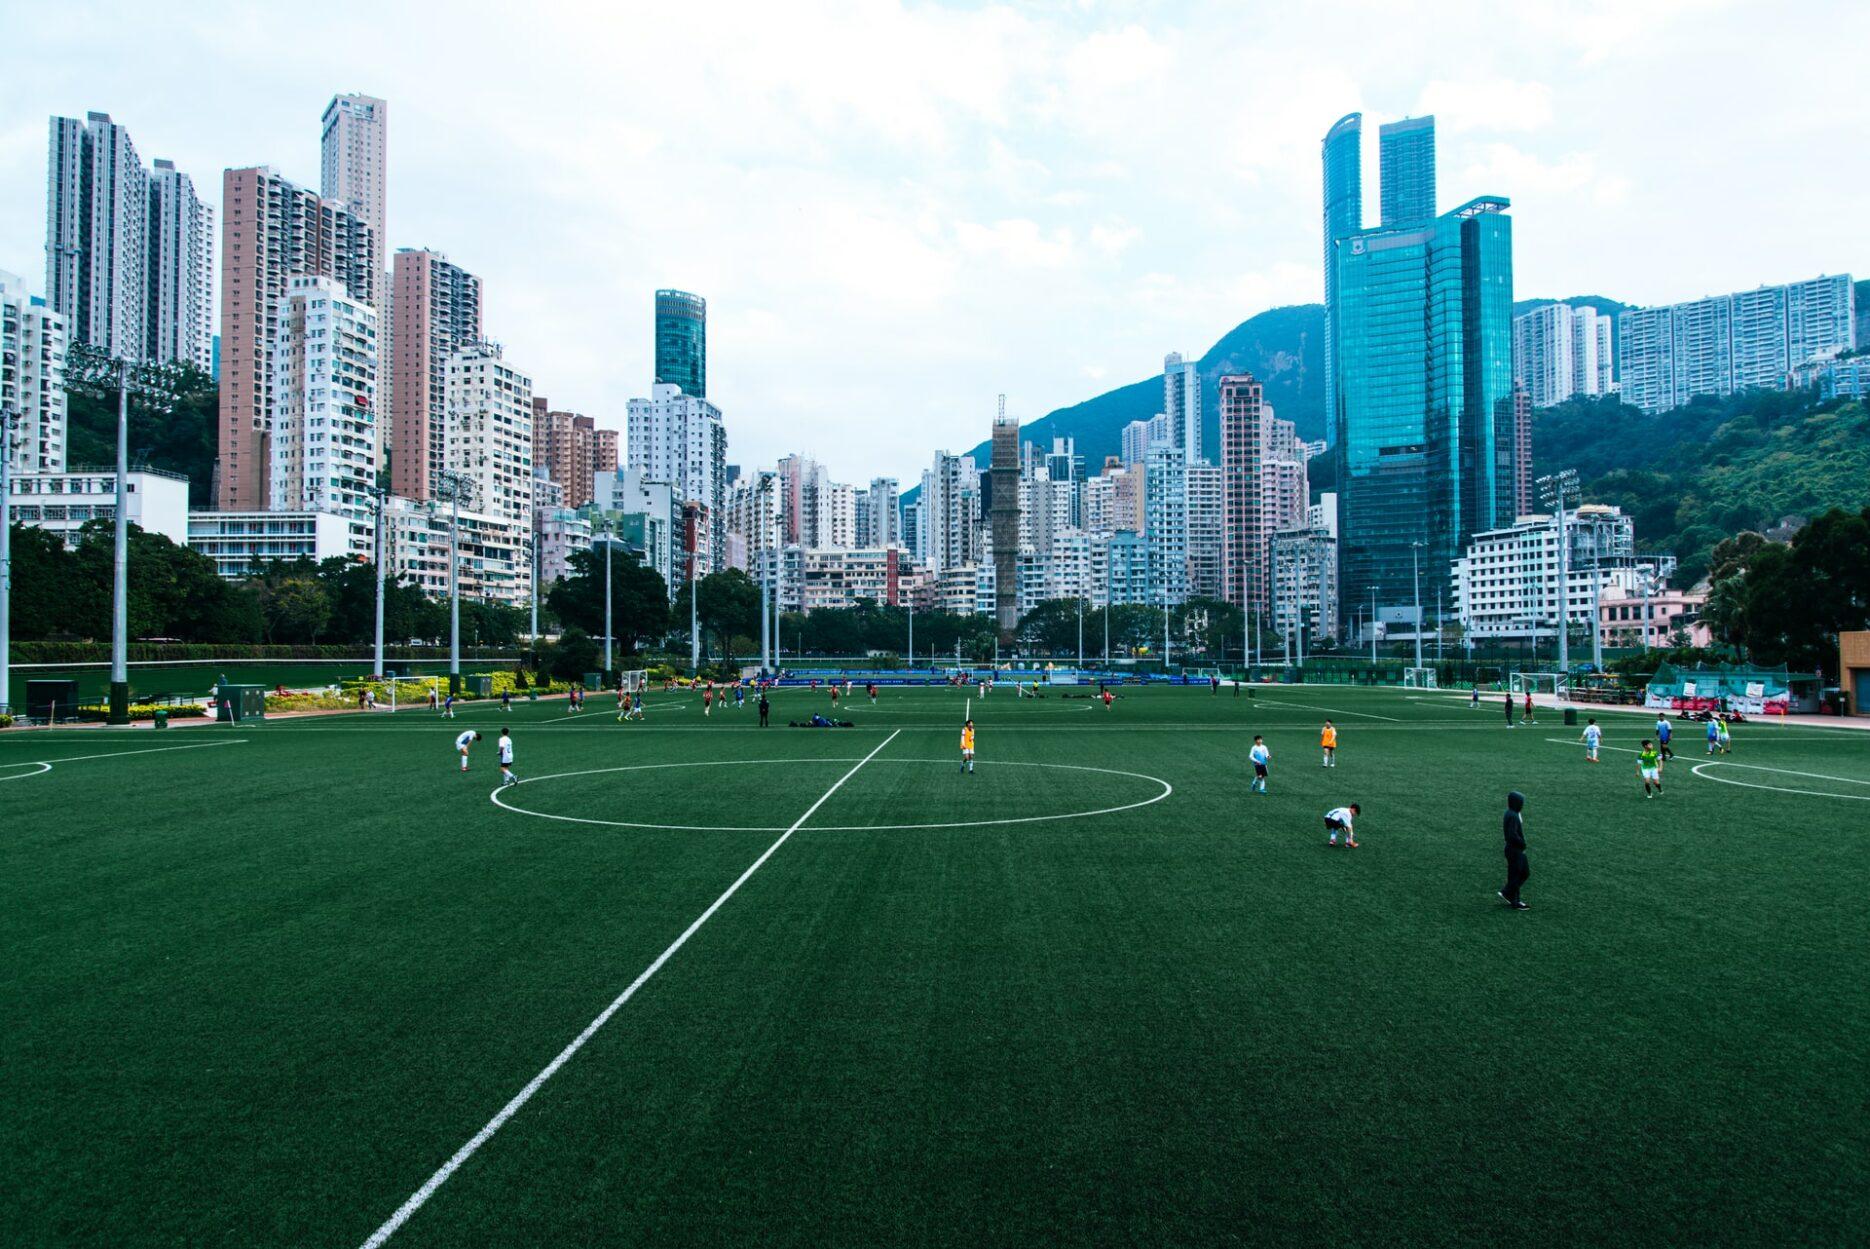 Fußball auf dem chinesischen Markt